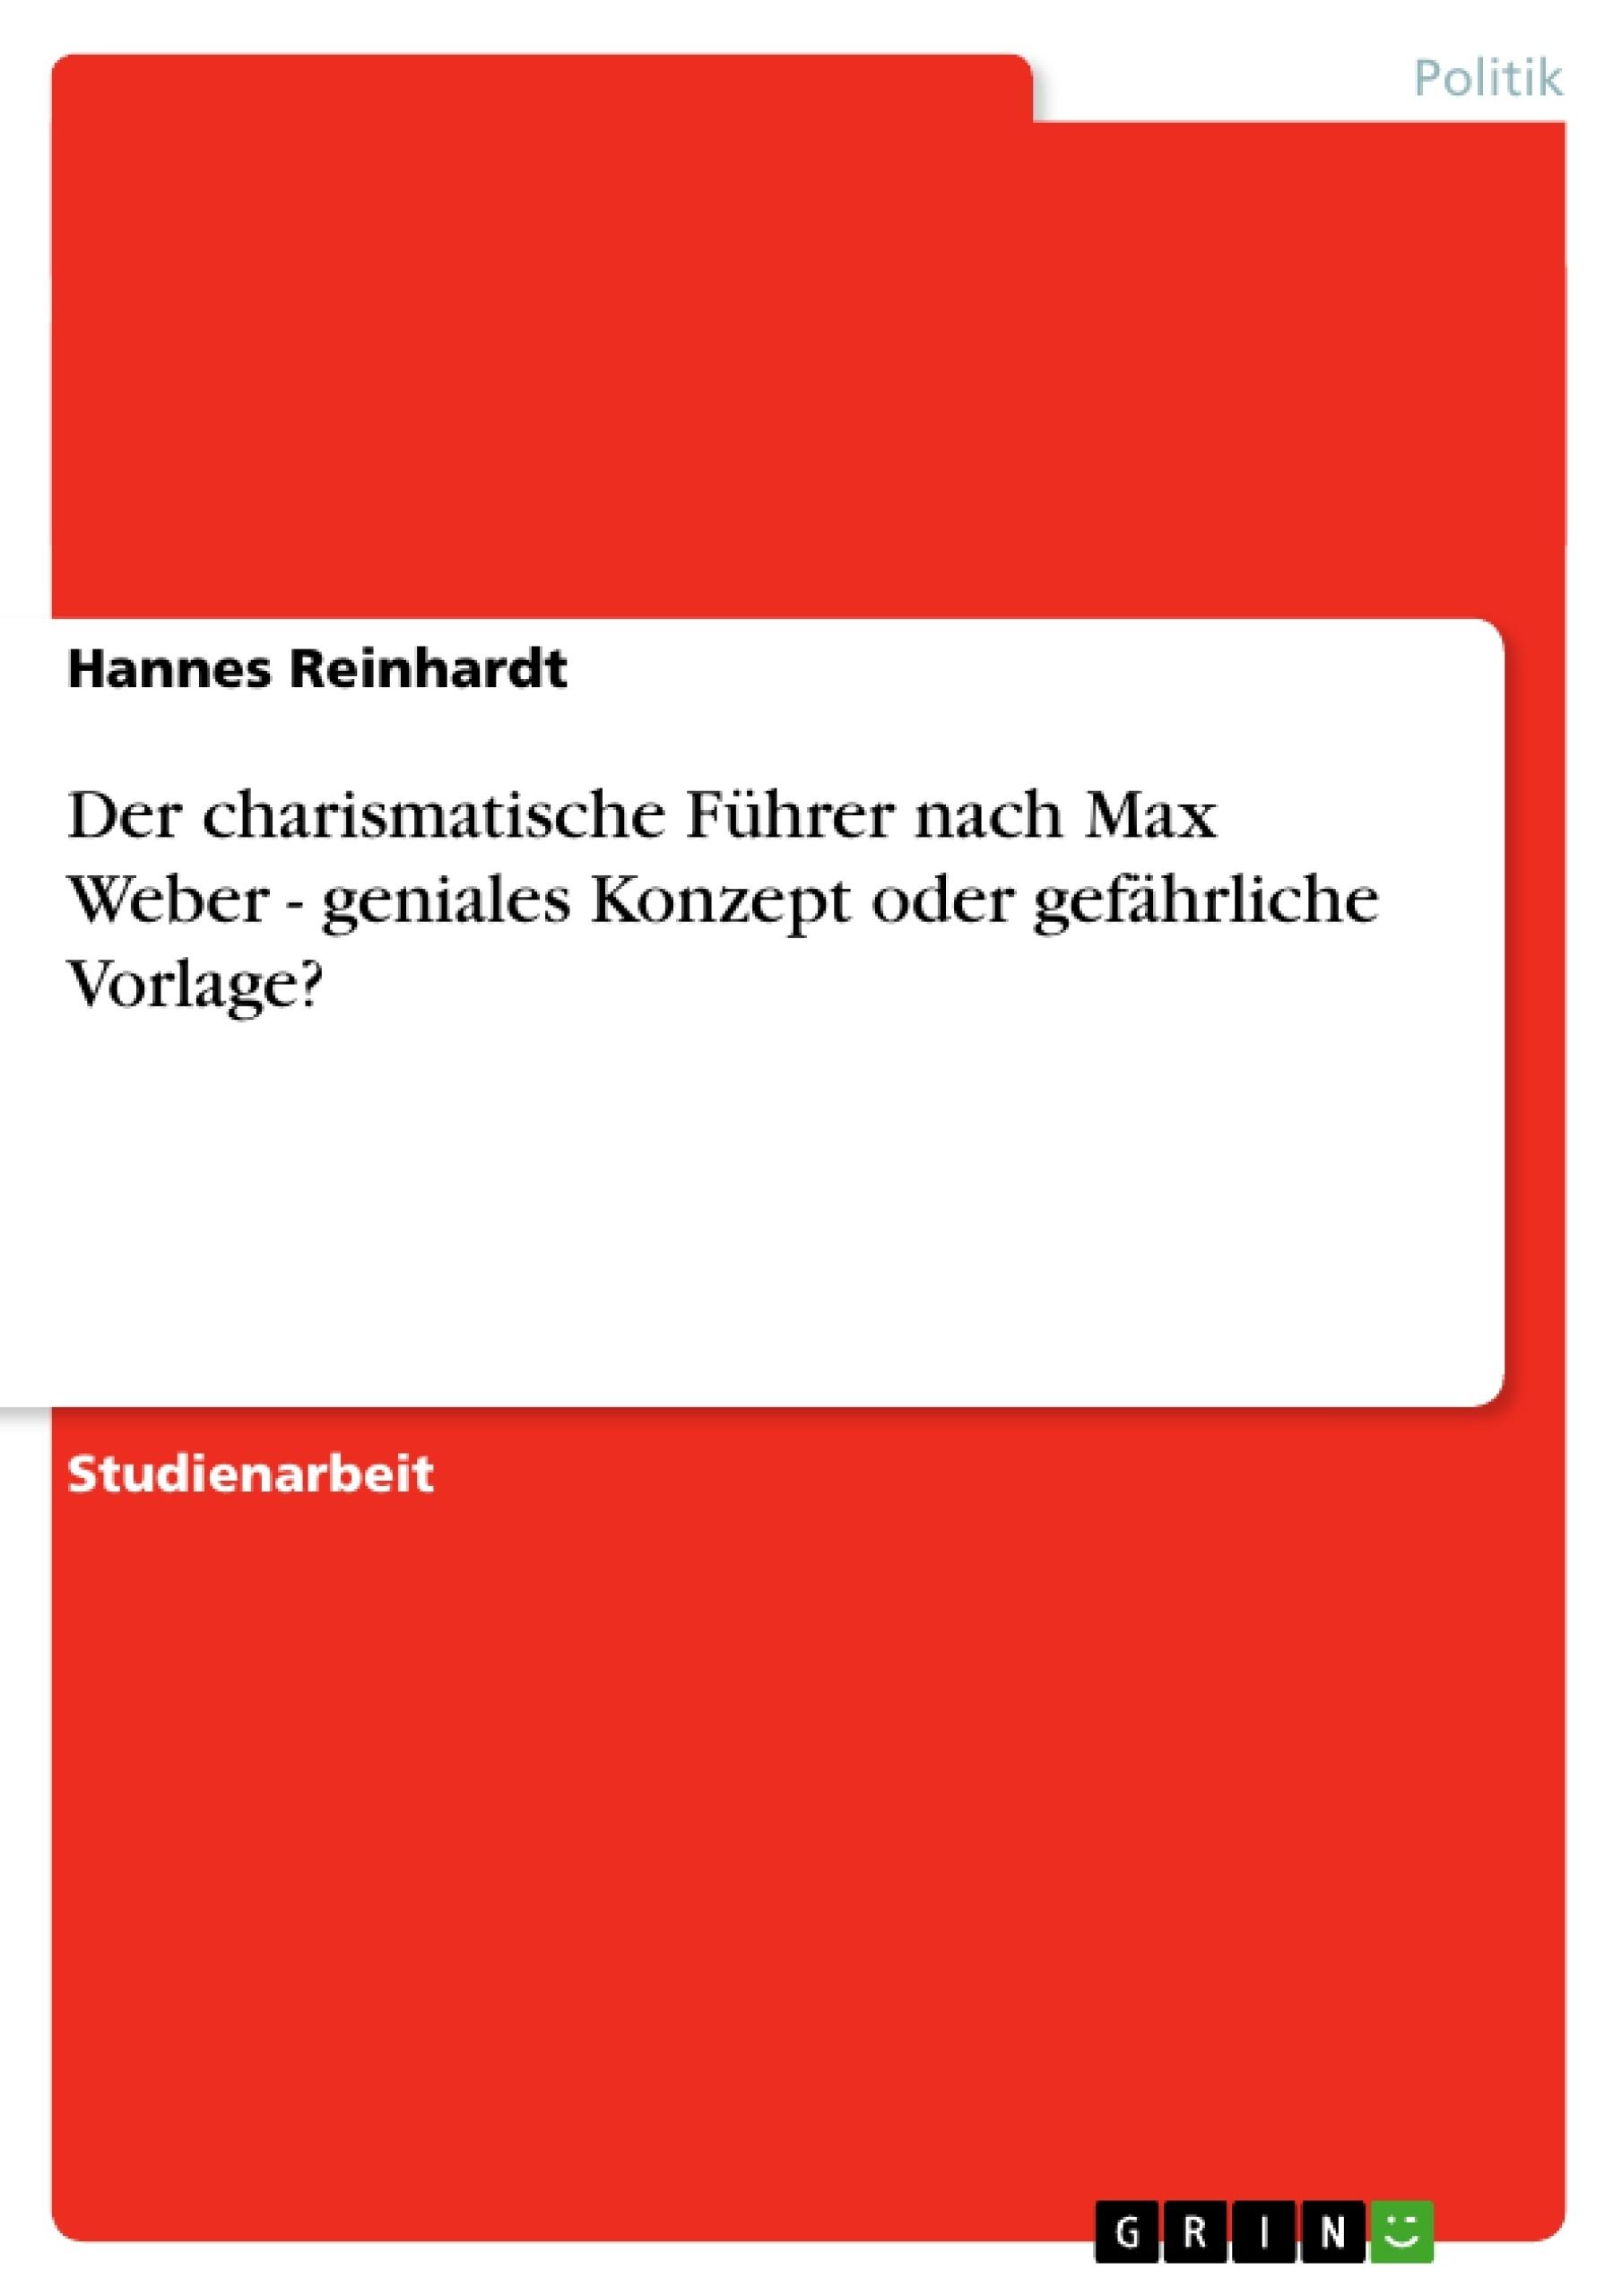 Titel: Der charismatische Führer nach Max Weber - geniales Konzept oder gefährliche Vorlage?